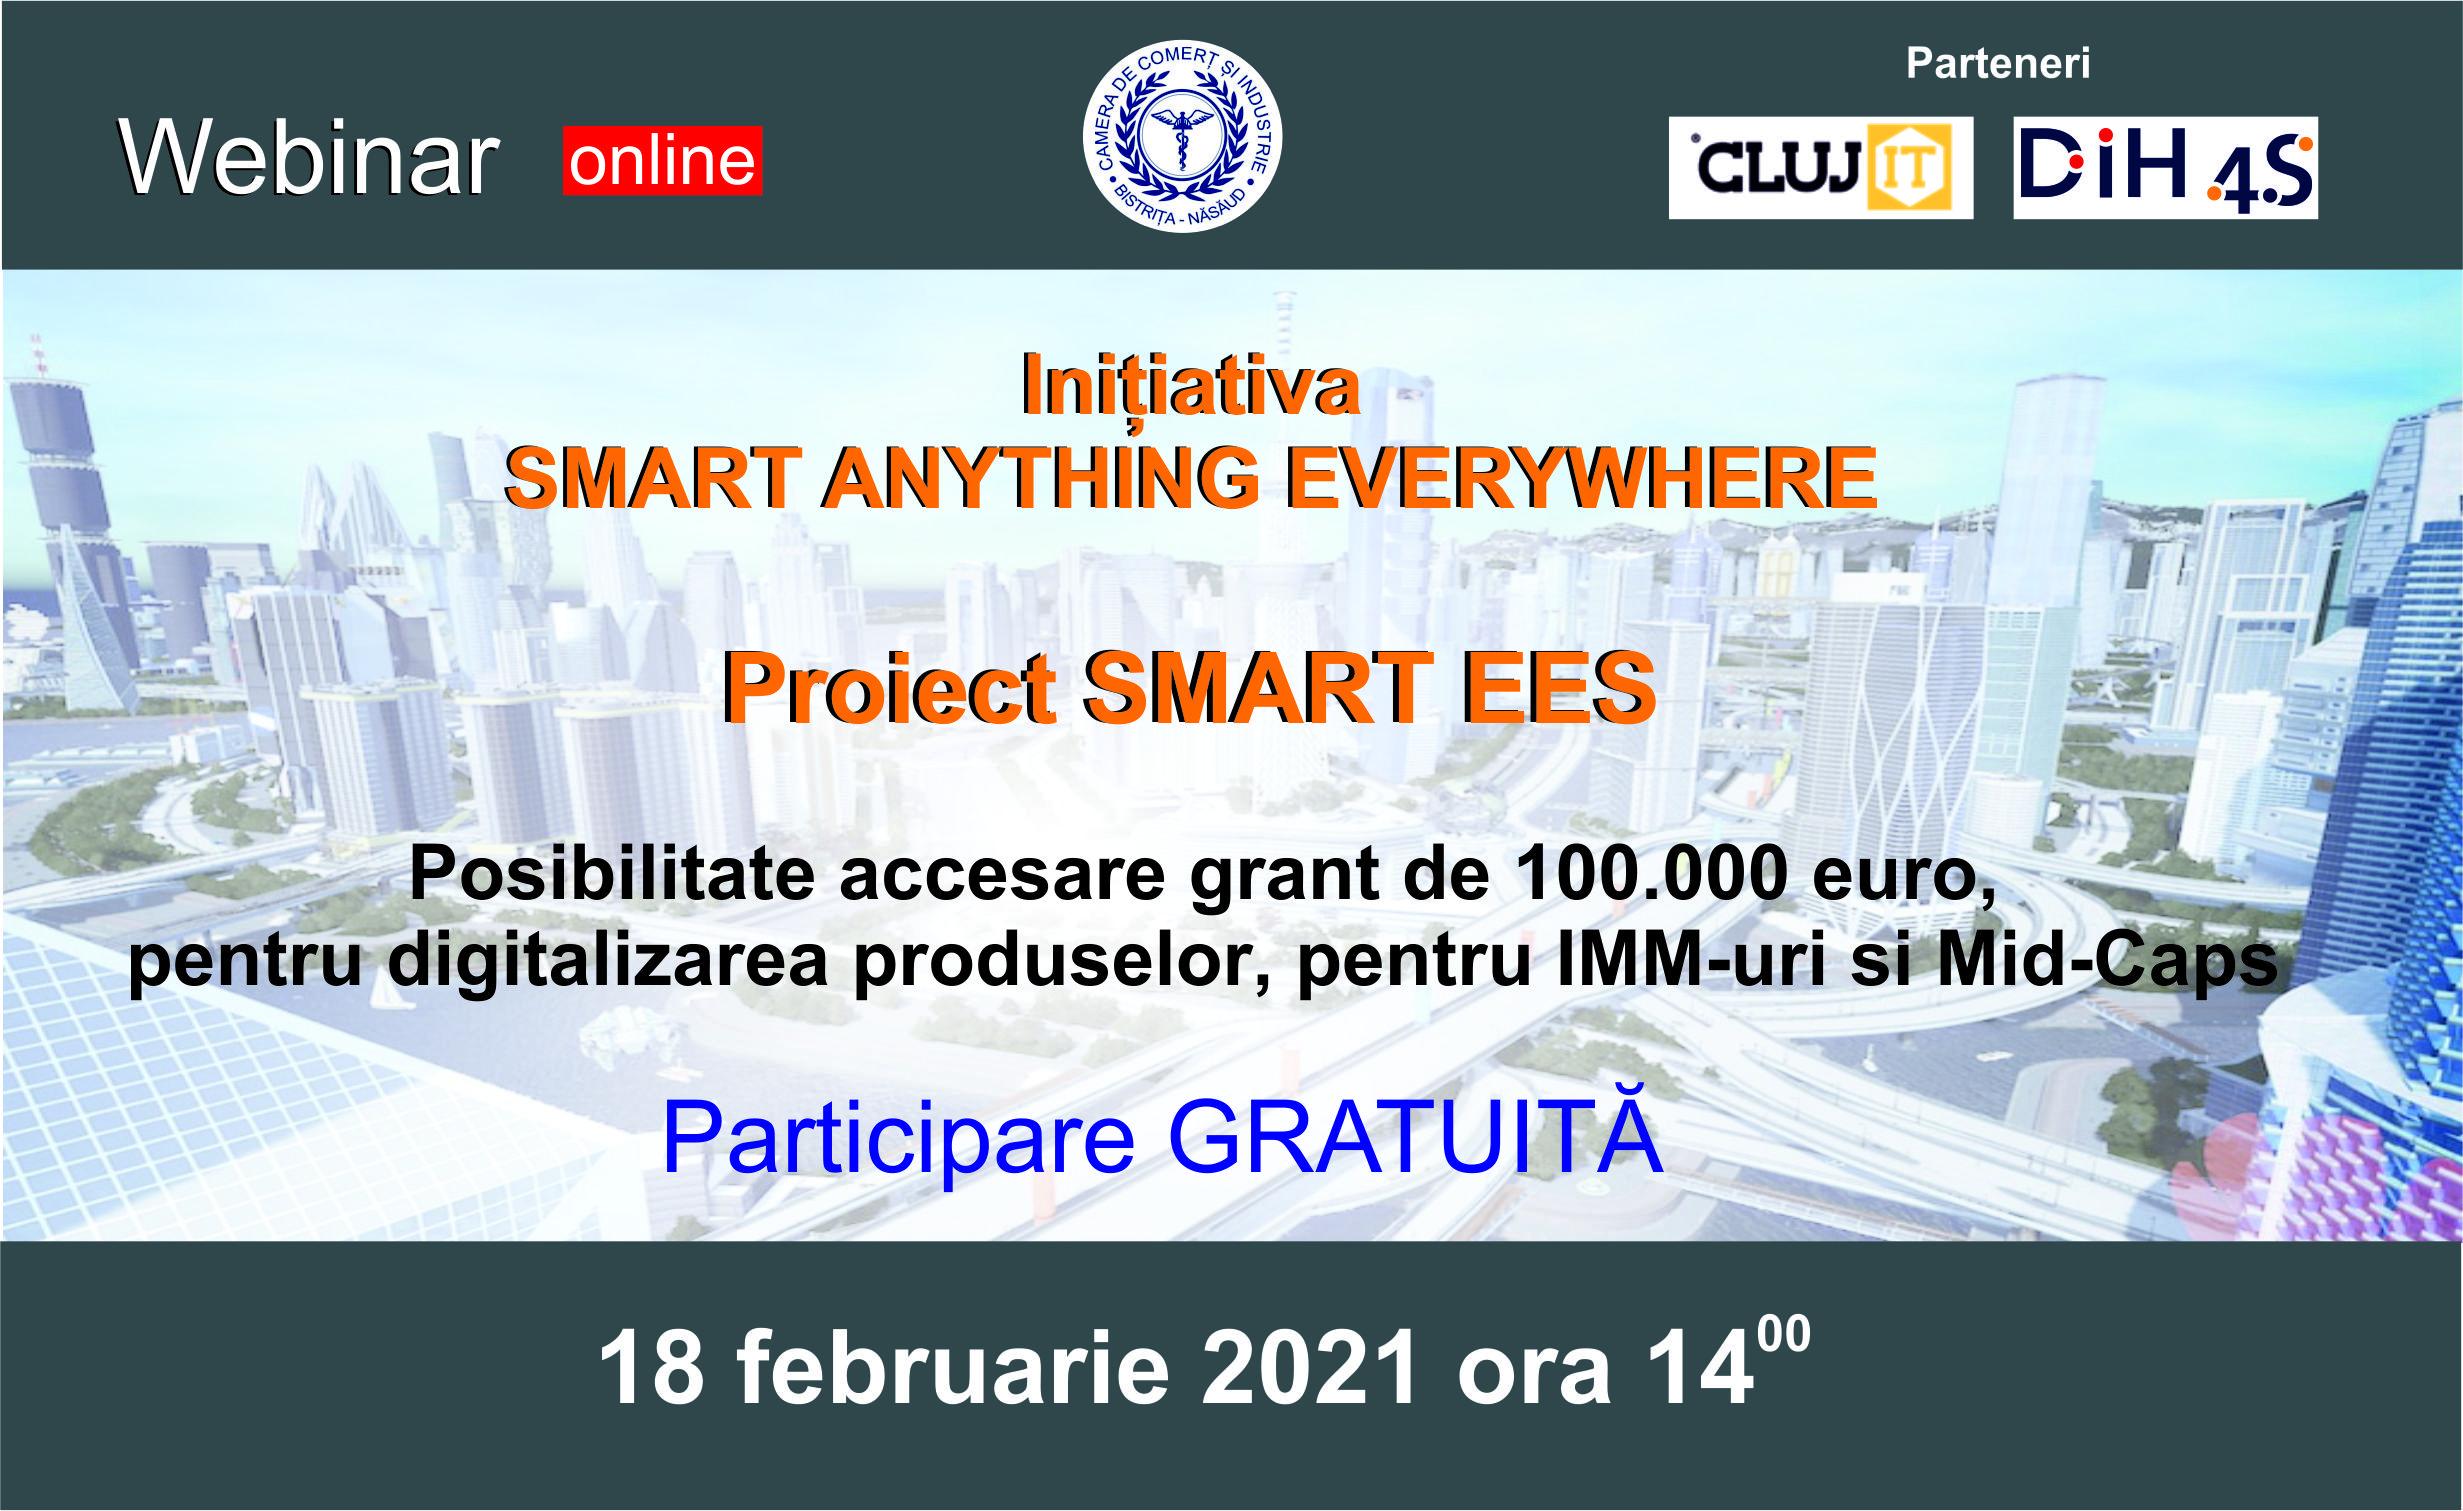 Webinarul de prezentare a proiectului SmartEEs - Comunicat de presa